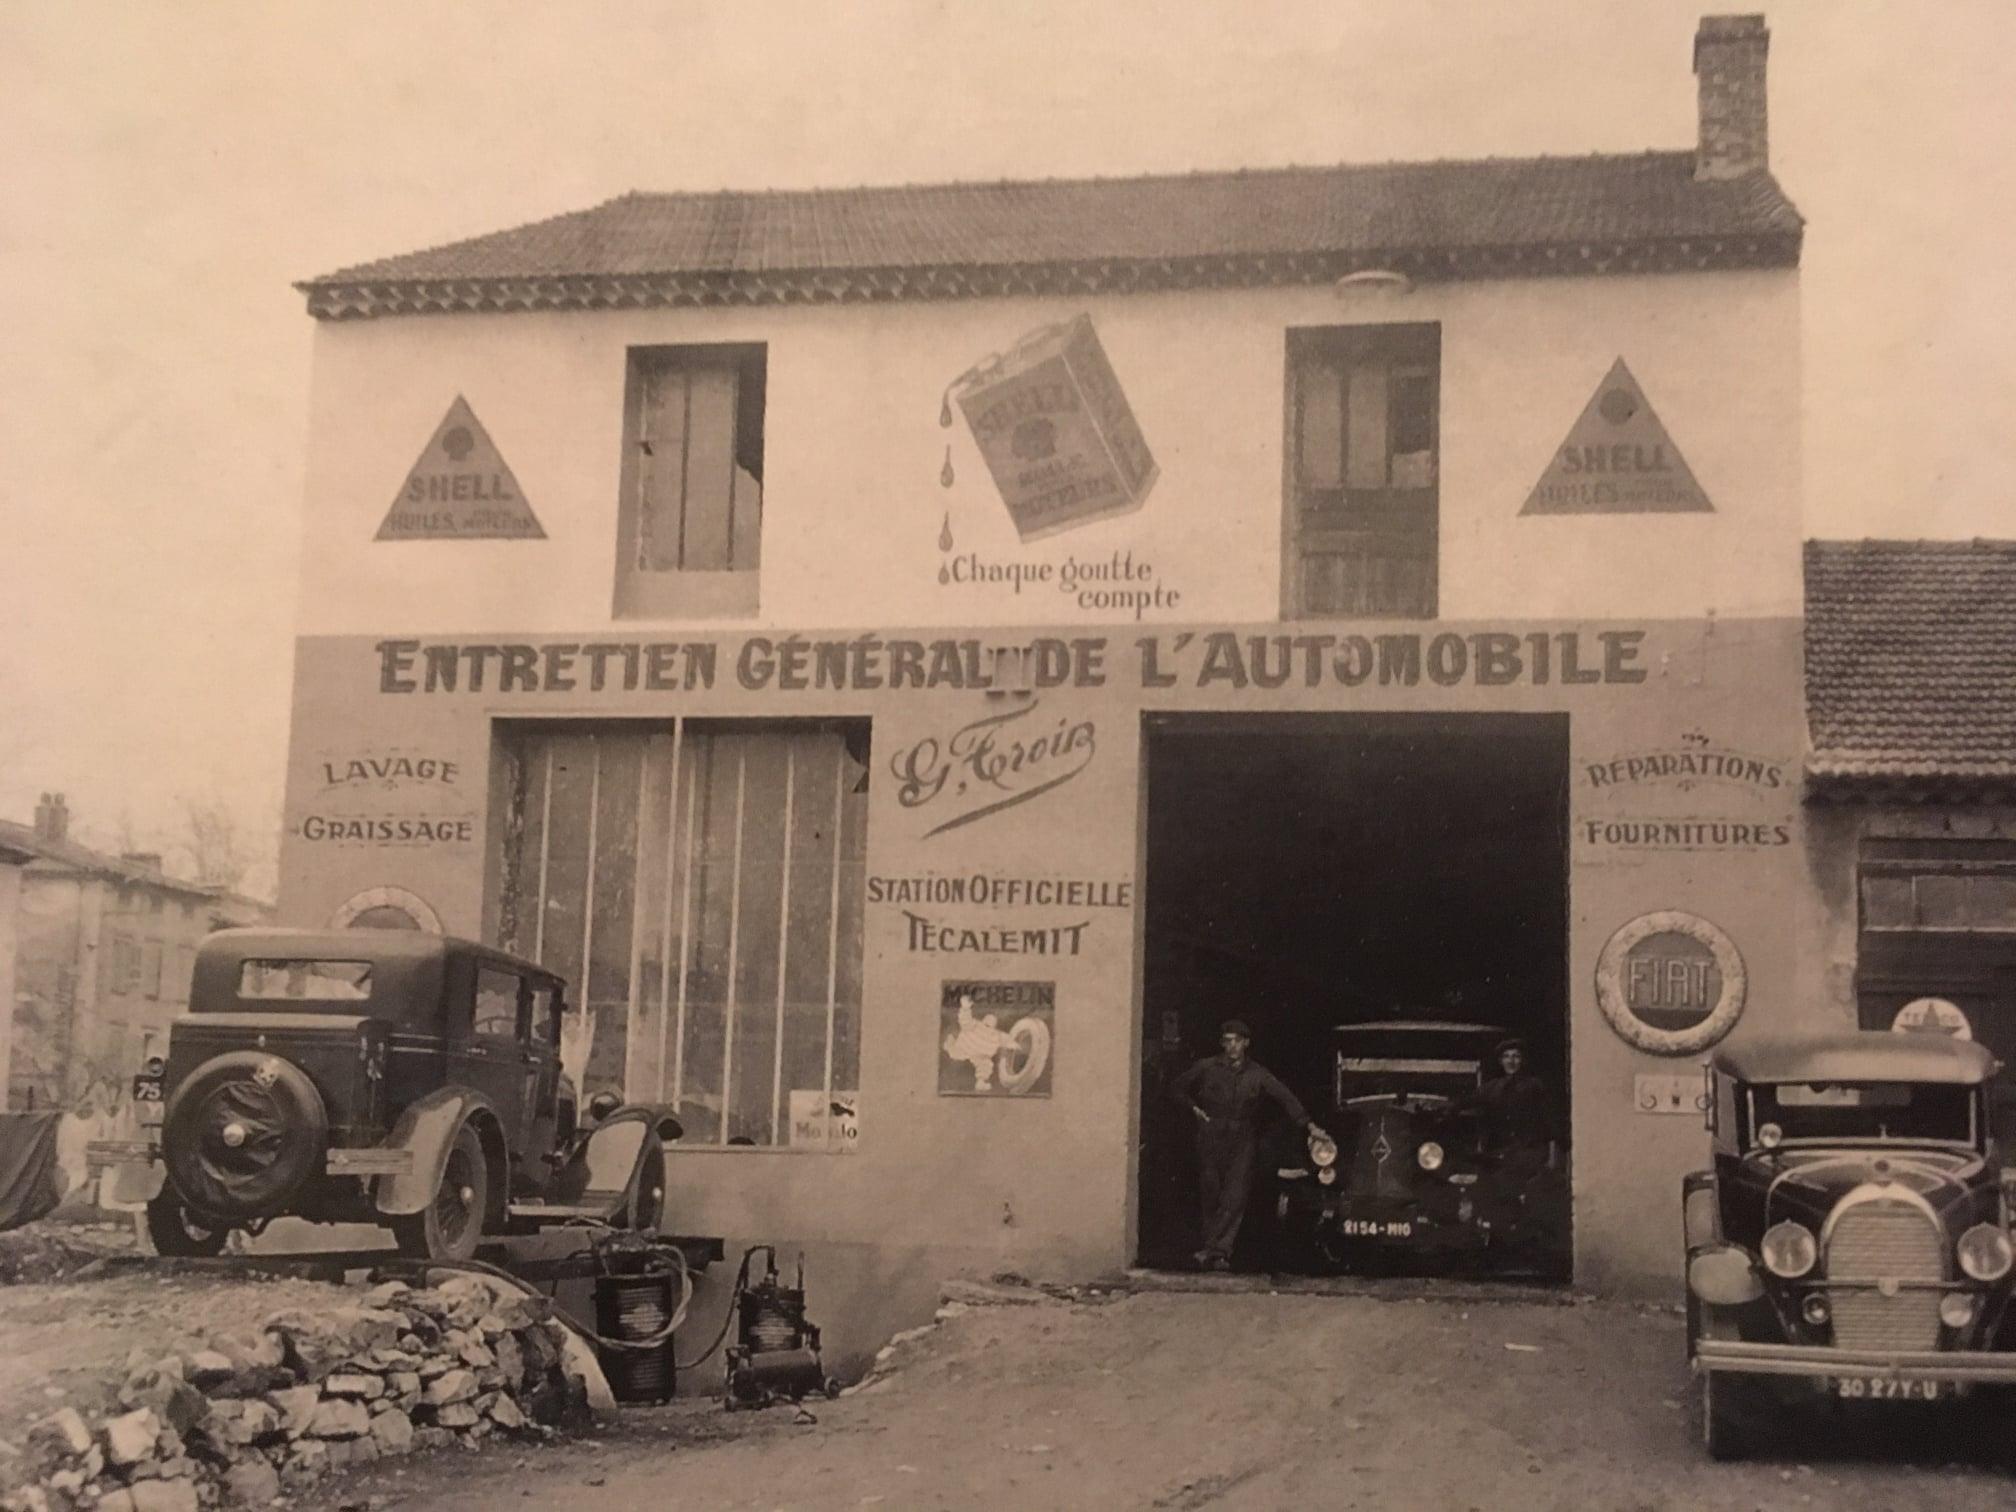 Fiat-Garage-Bretange--in-de-garage-Renault-rechts-een-Hotchkiss--